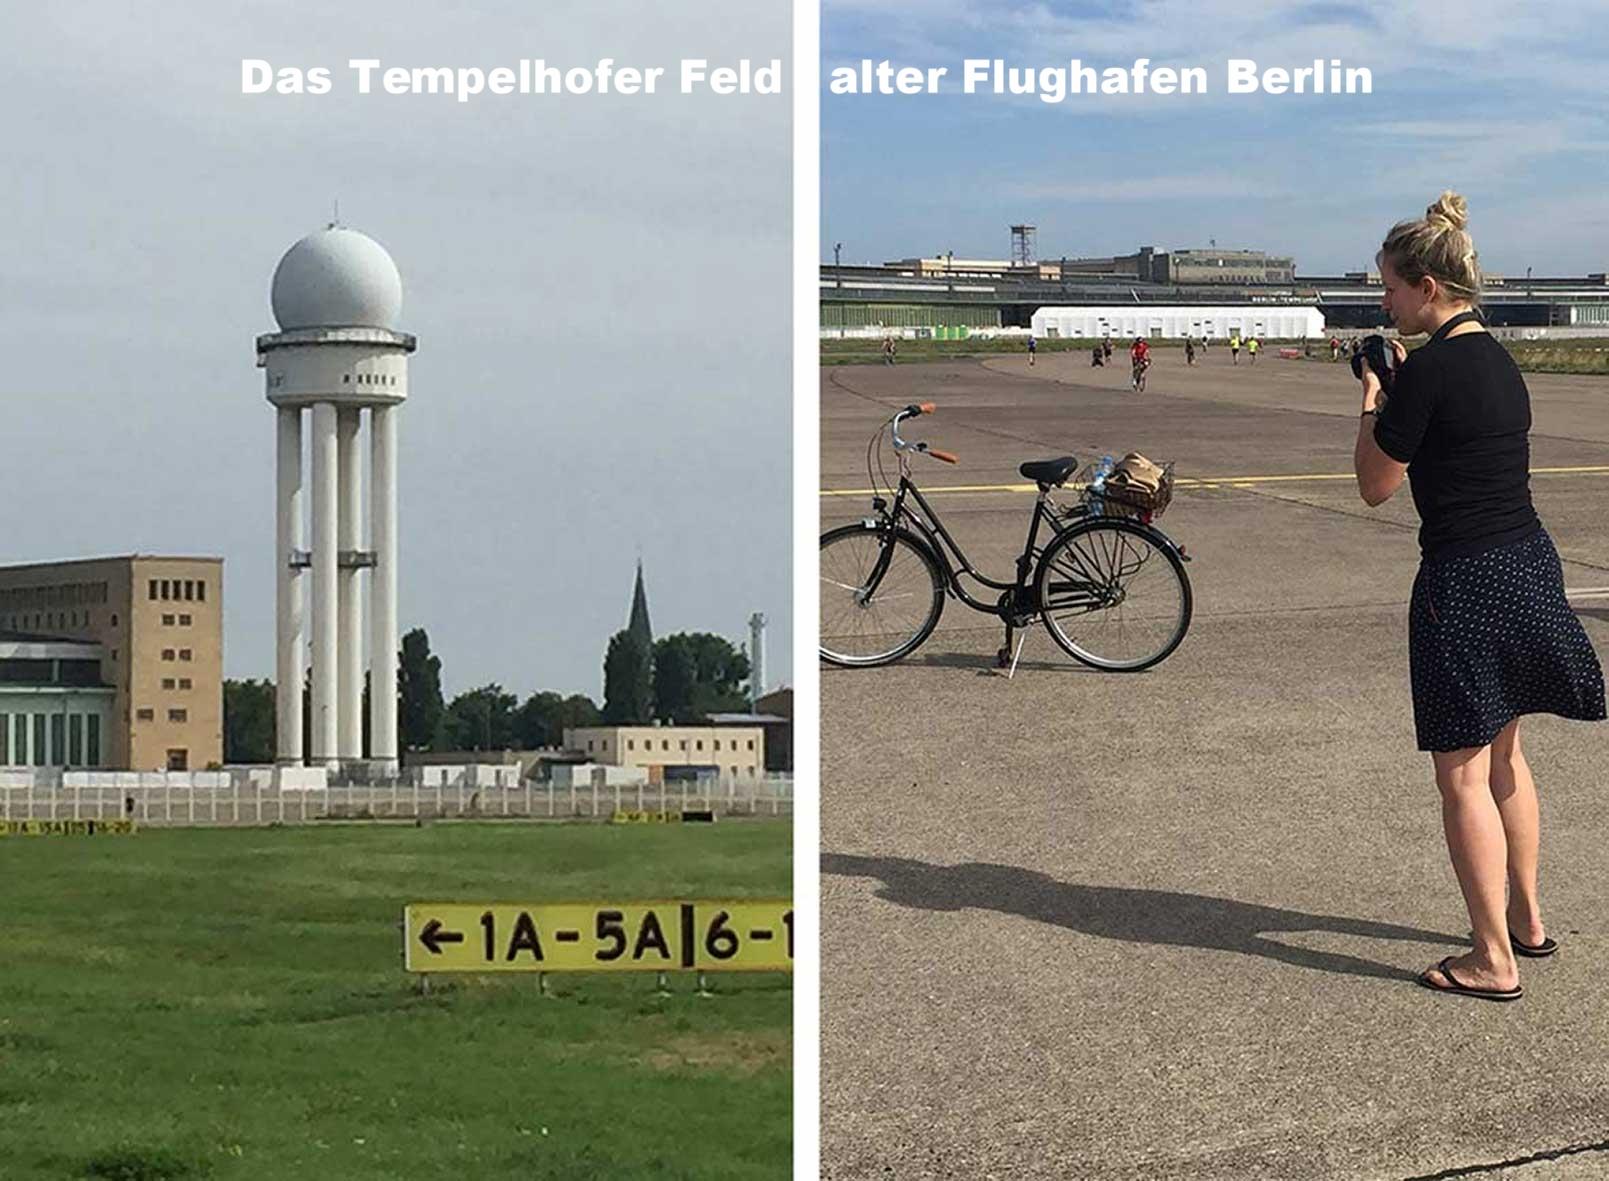 Exkursion nach Berlin 2016